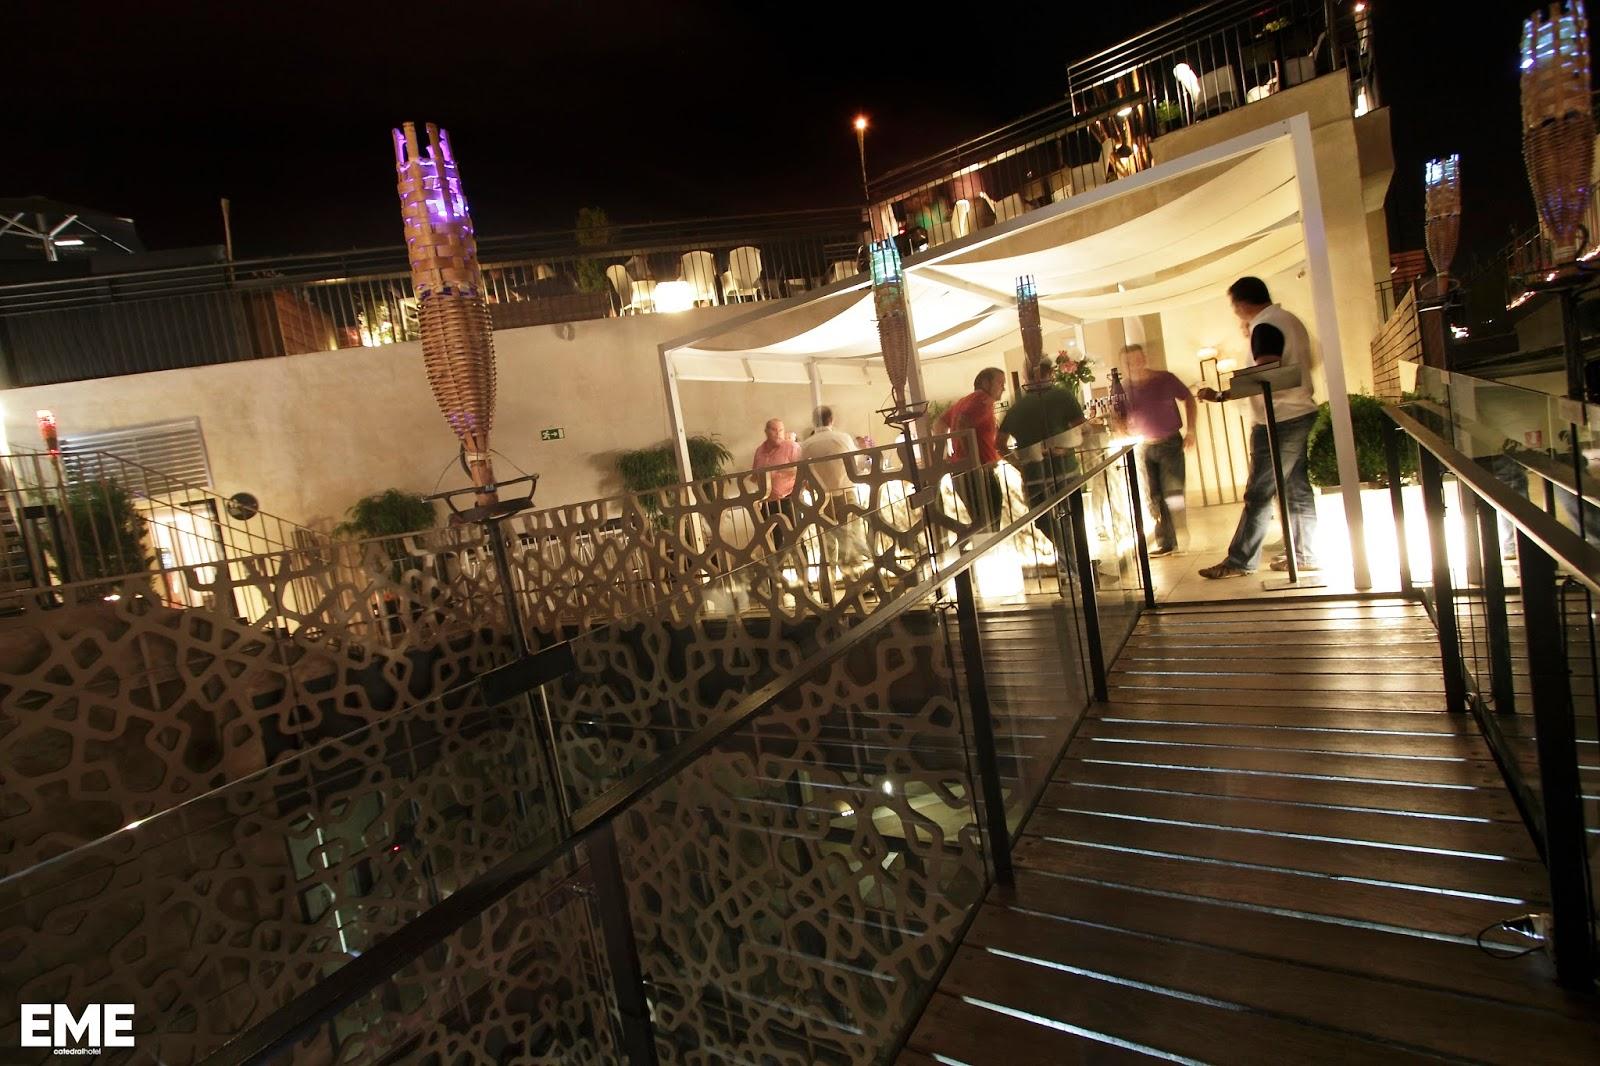 Eme Catedral Hotel Quiénes Somos